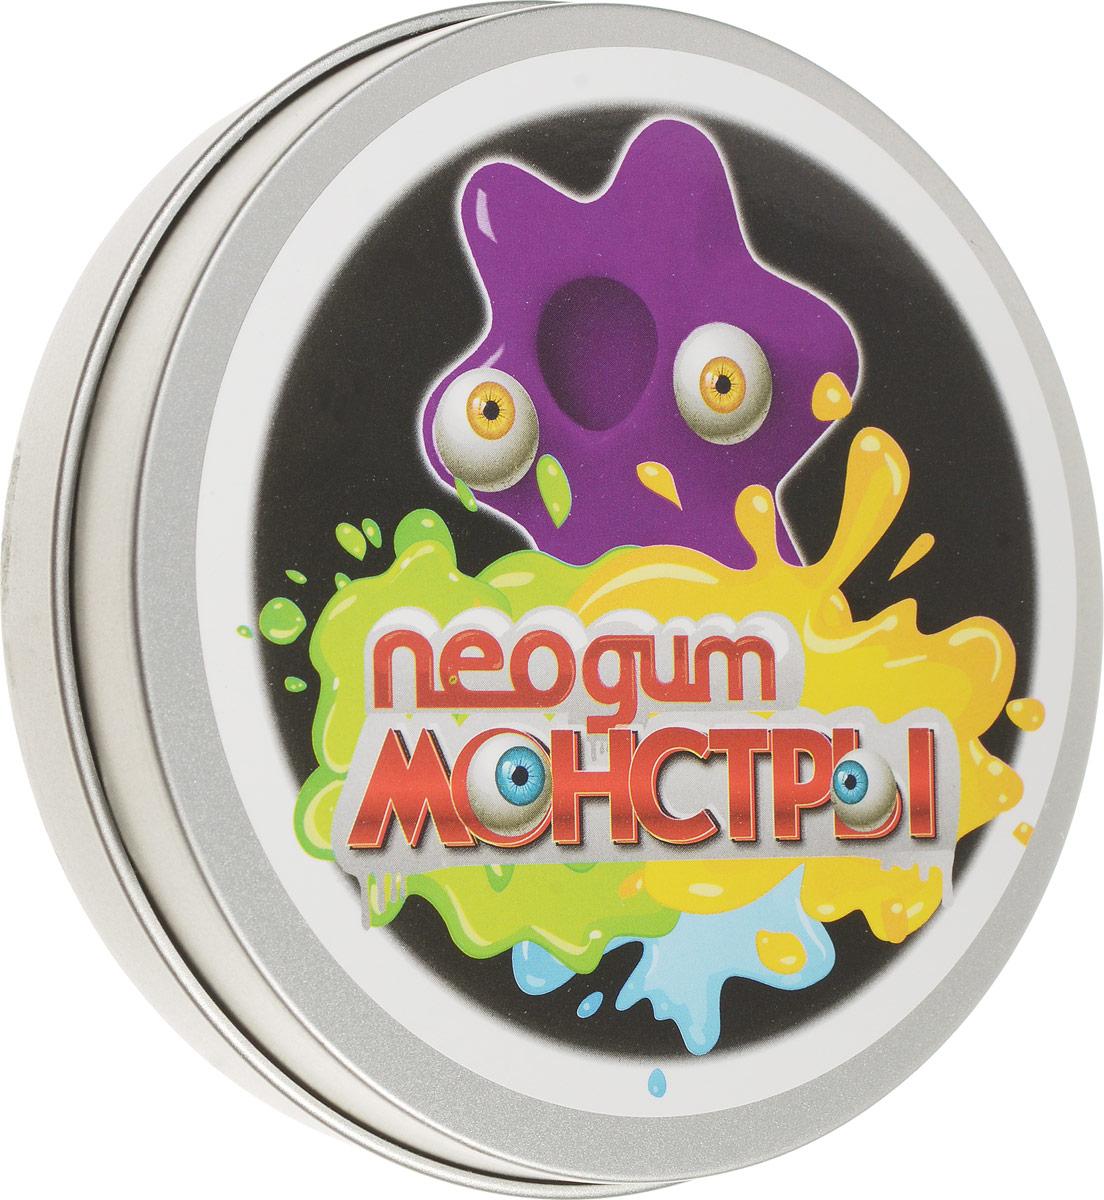 Neogum Пластилин Монстр цвет фиолетовыйNM0002Пластилин Neogum Монстр отличается невероятной пластичностью, может отпрыгивать от пола и растекаться по ровной поверхности. Пластилин не пачкается, не пристает к коже и предметам. В комплекте с пластилином идут пластиковые глазки, которые превратят продукт вашей фантазии в милого и совсем нестрашного монстрика! Игра с пластилином Neogum помогает снять раздражение и агрессию, развить мелкую моторику и творческое мышление, а также укрепить мышцы кистей. Кроме того, он может стать незаменимым спутником в утомительных переездах и перелетах, эффективно избавляя от чрезмерного беспокойства и нервозности.